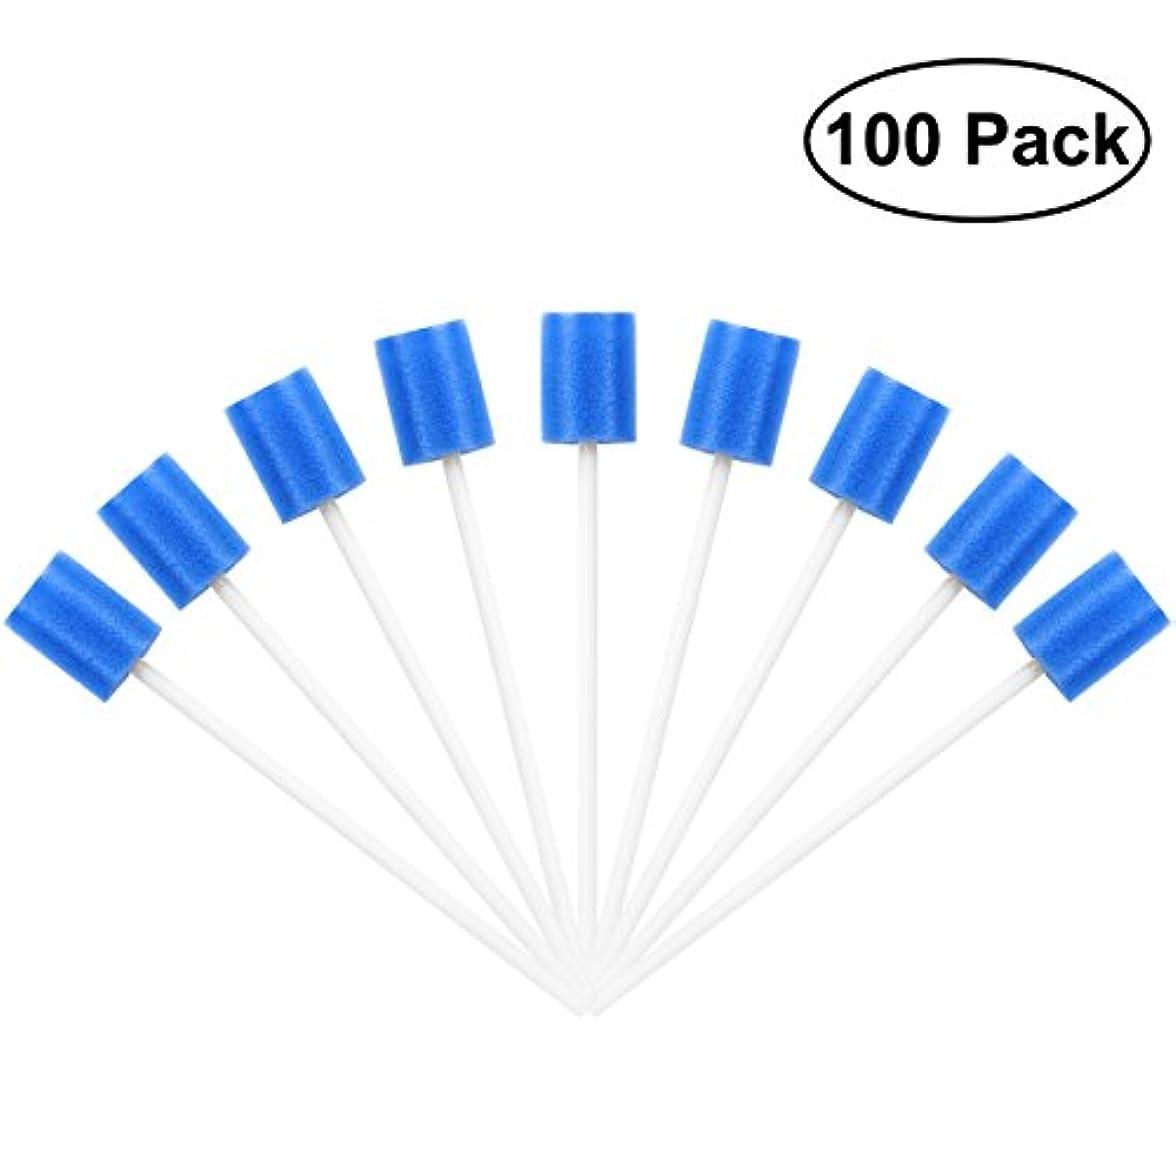 可能混乱させる切り下げROSENICE Mouth Sponges Dental Swabs 100Pcs Disposable Oral Care Swabs (Blue)